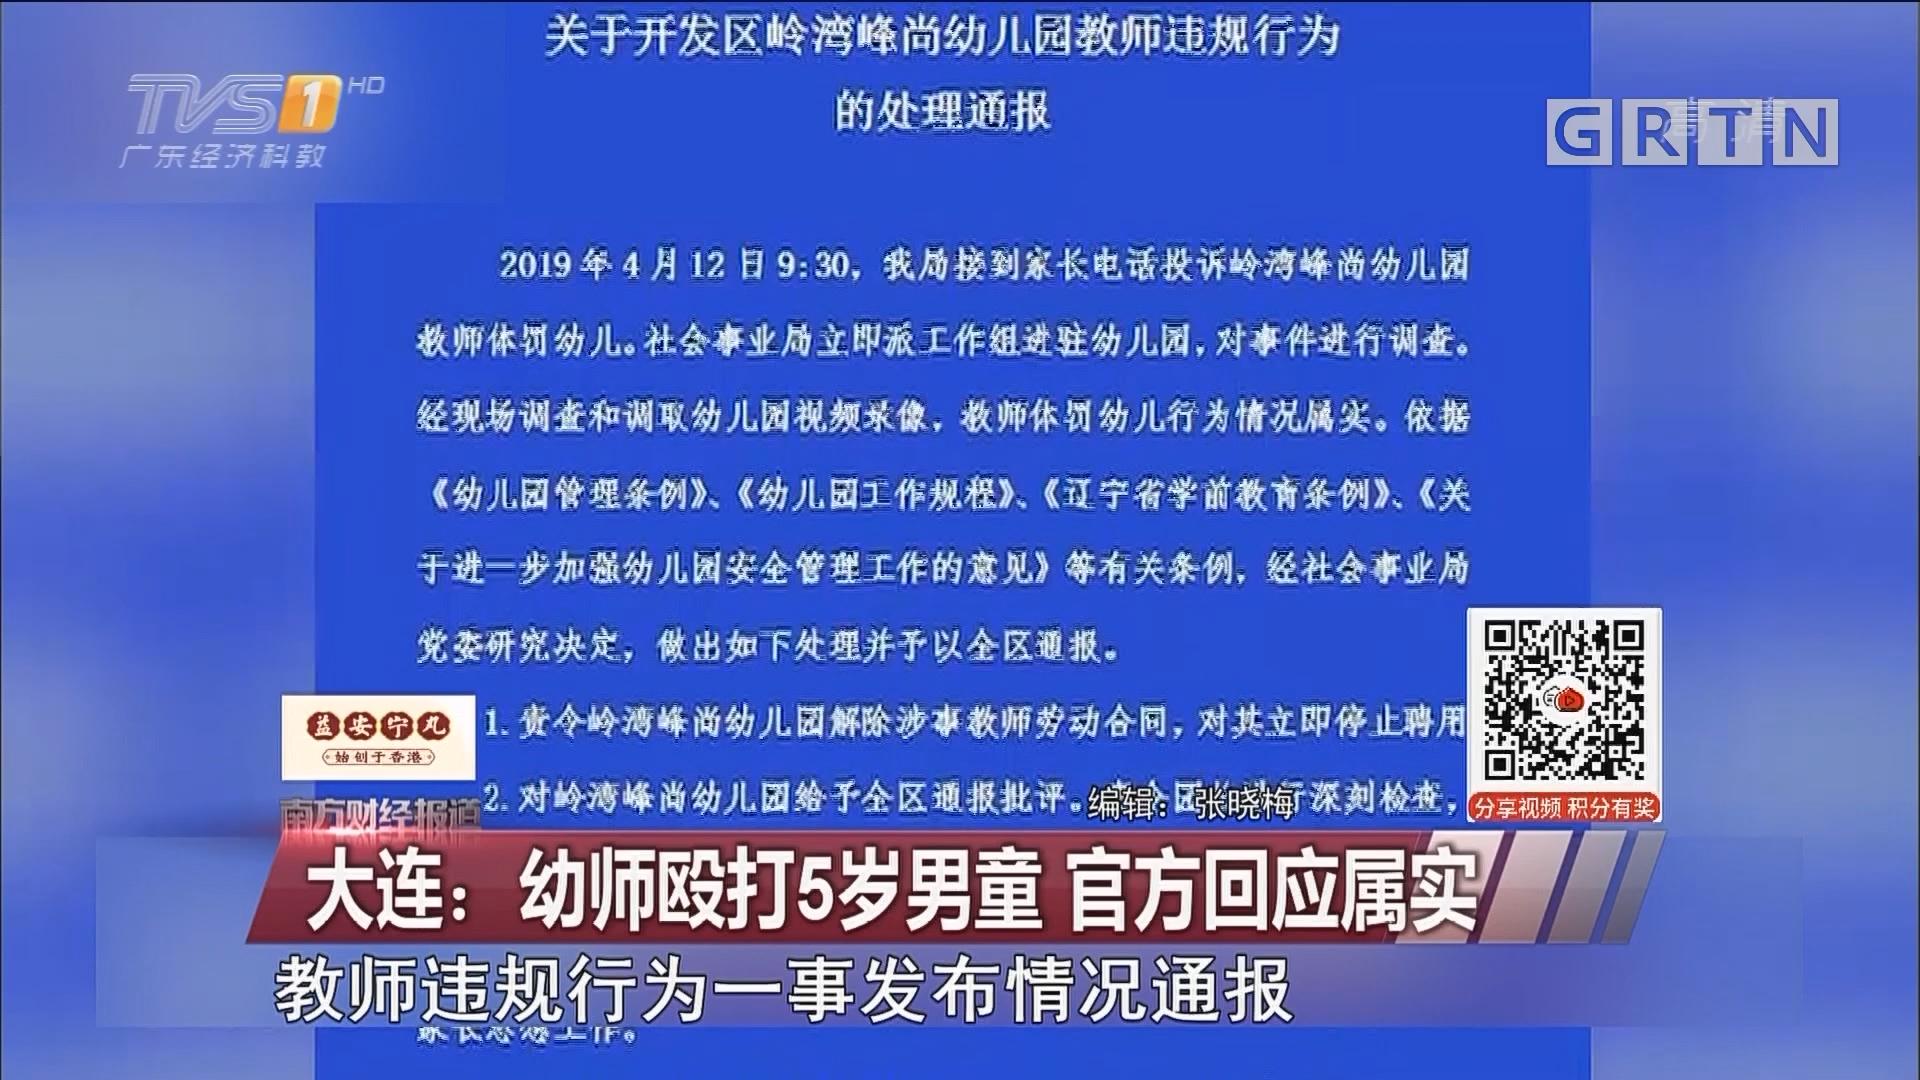 大连:幼师殴打5岁男童 官方回应属实